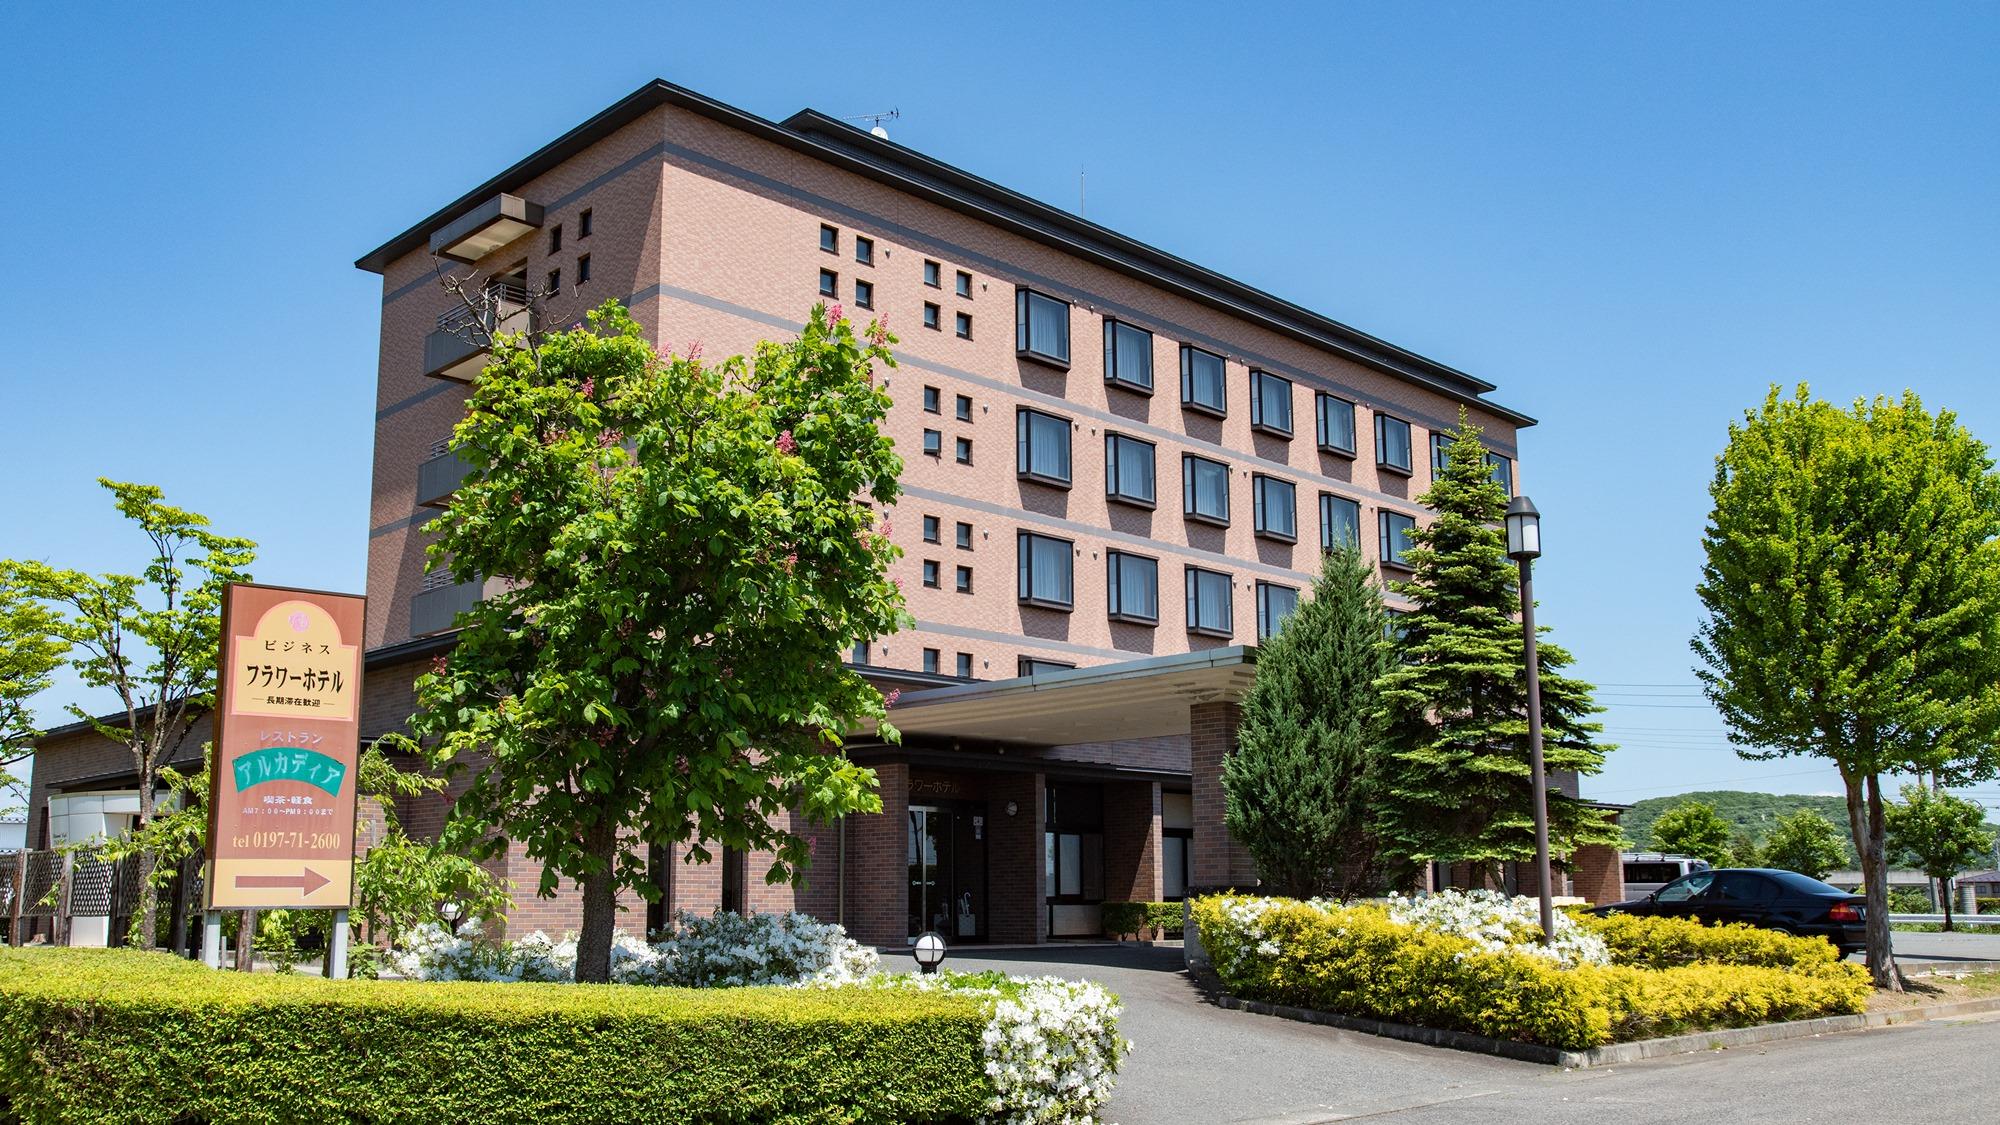 北上オフィスアルカディア フラワーホテル image